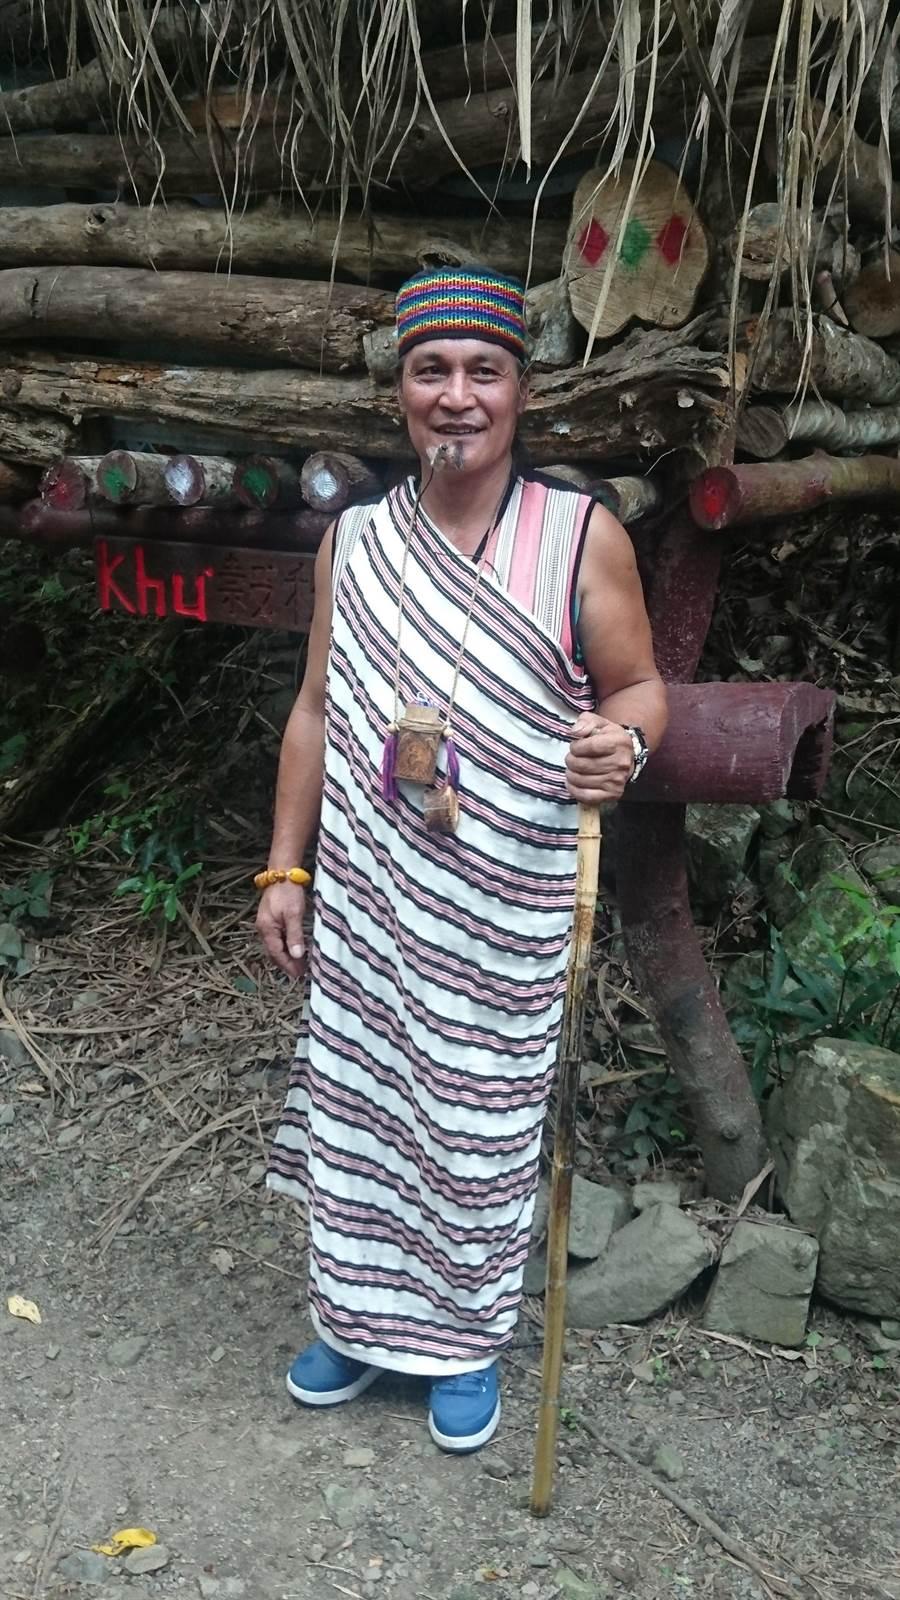 泰雅族人鄭保雄致力傳承口簧琴文化,在部落巡視水源時,疑失足落水溺斃,得年58歲。(參山處提供/王文吉台中傳真)